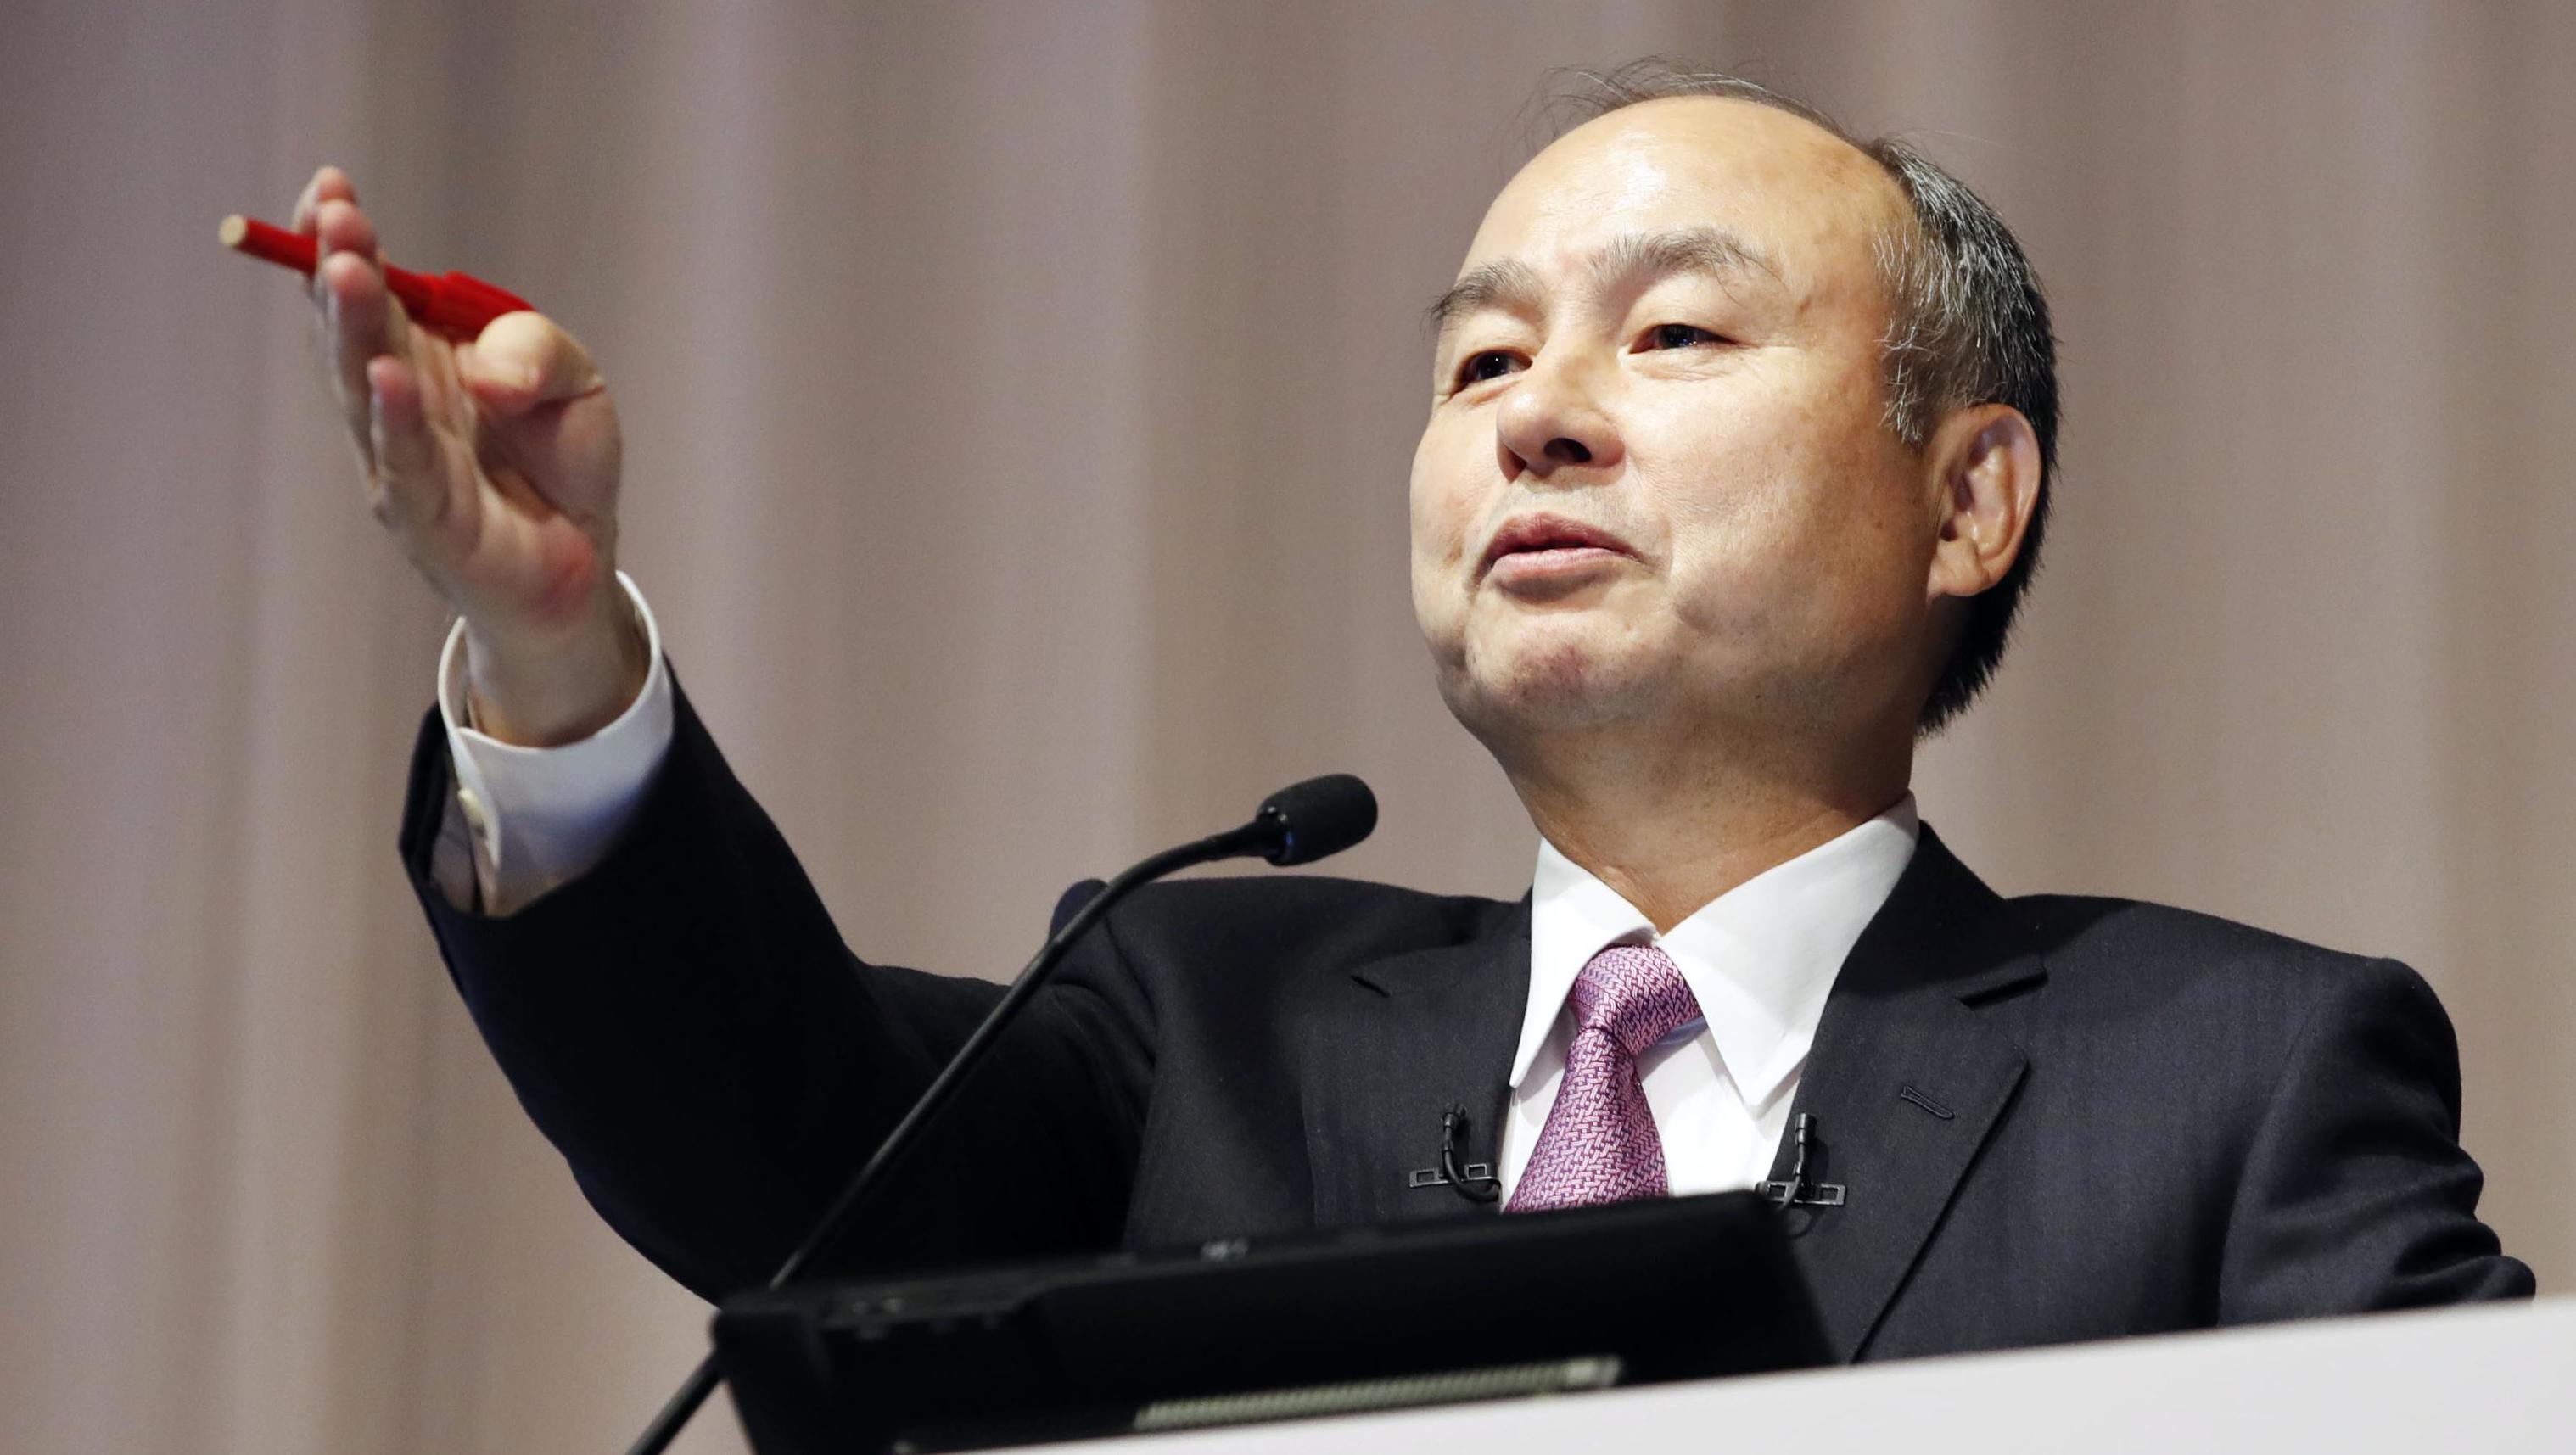 WeWork-Pleite: Goldman Sachs leiht SoftBank Milliarden, um eigene Beteiligungen zu retten